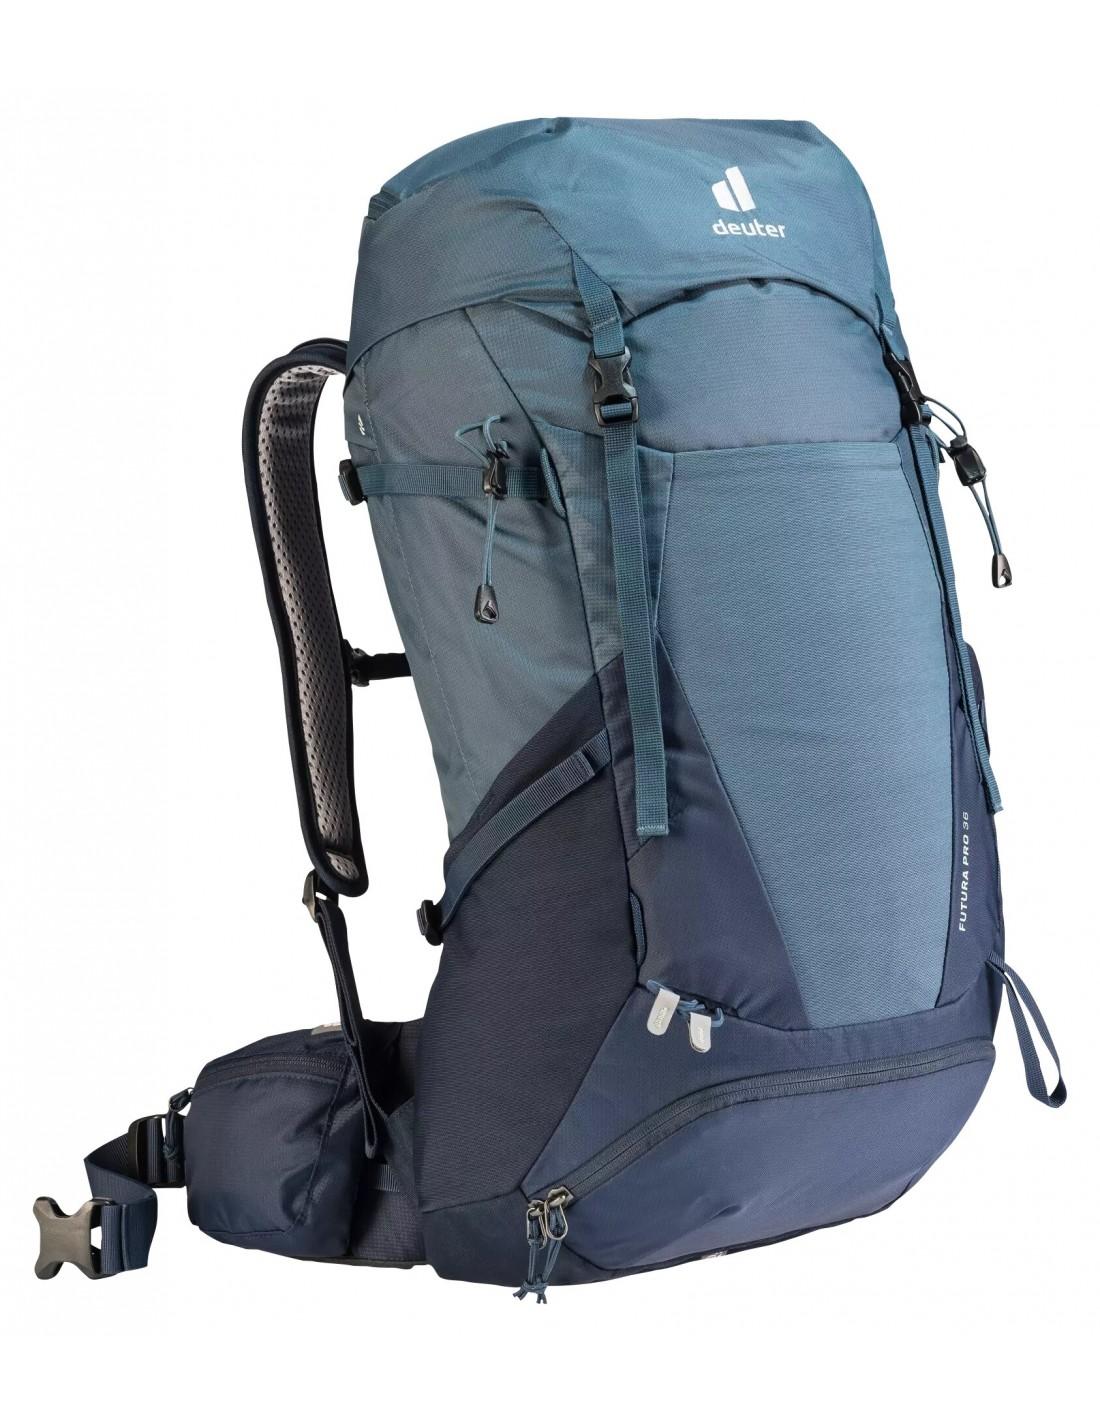 Deuter Rucksack Futura Pro 36, marine-navy Rucksackart - Wandern & Trekking günstig online kaufen